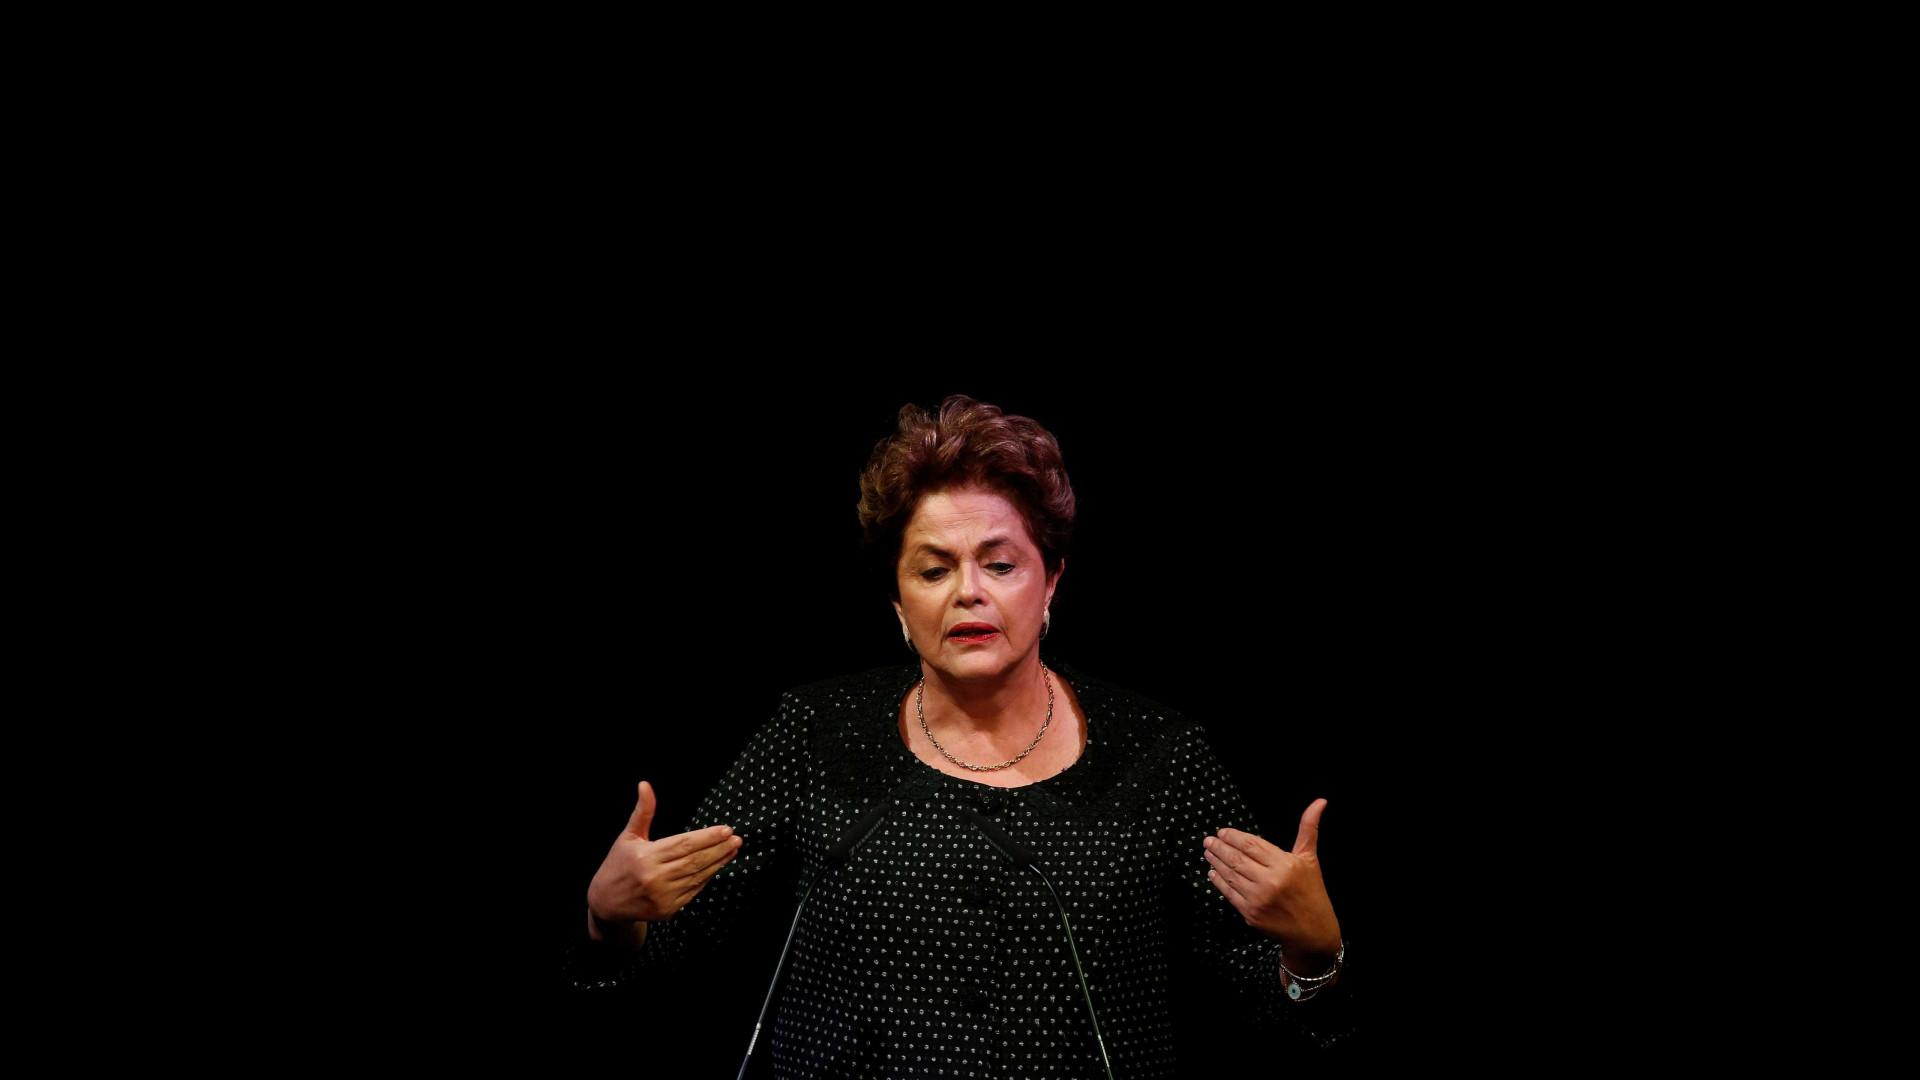 Tribunal confirma condenação de Lula por unanimidade e aumenta pena